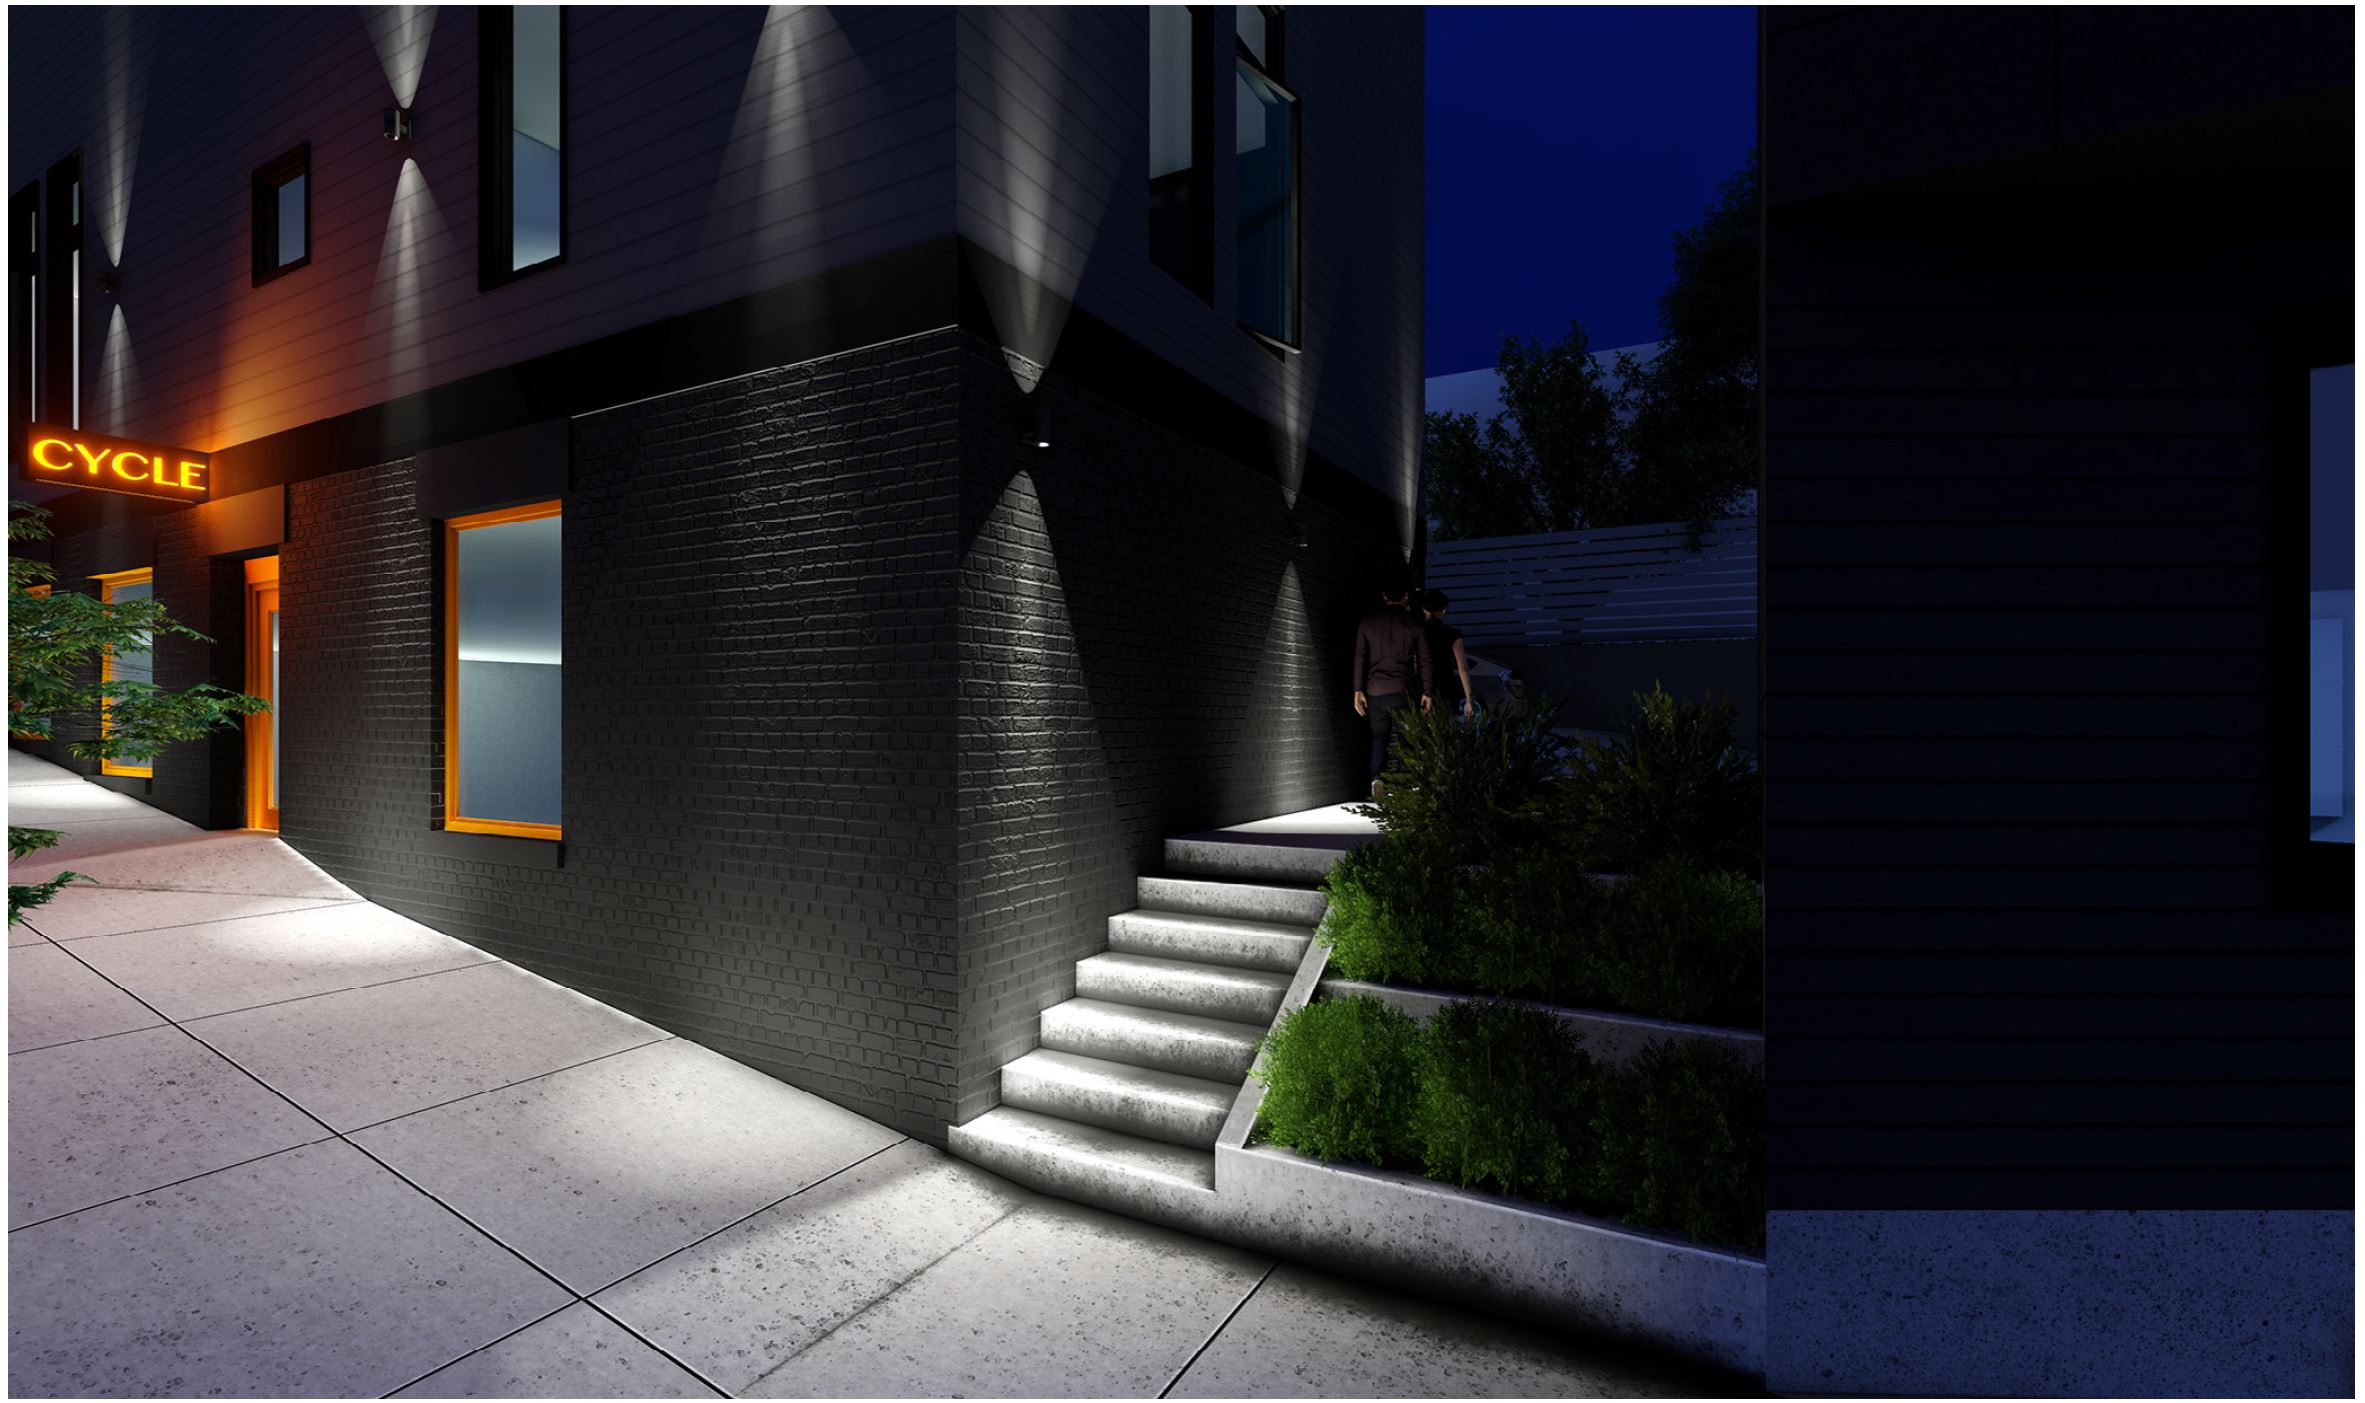 Unit 103 | $349,900    2 bed 2 bath 1106 sq. ft. $349,900 basement storage + parking space + balcony